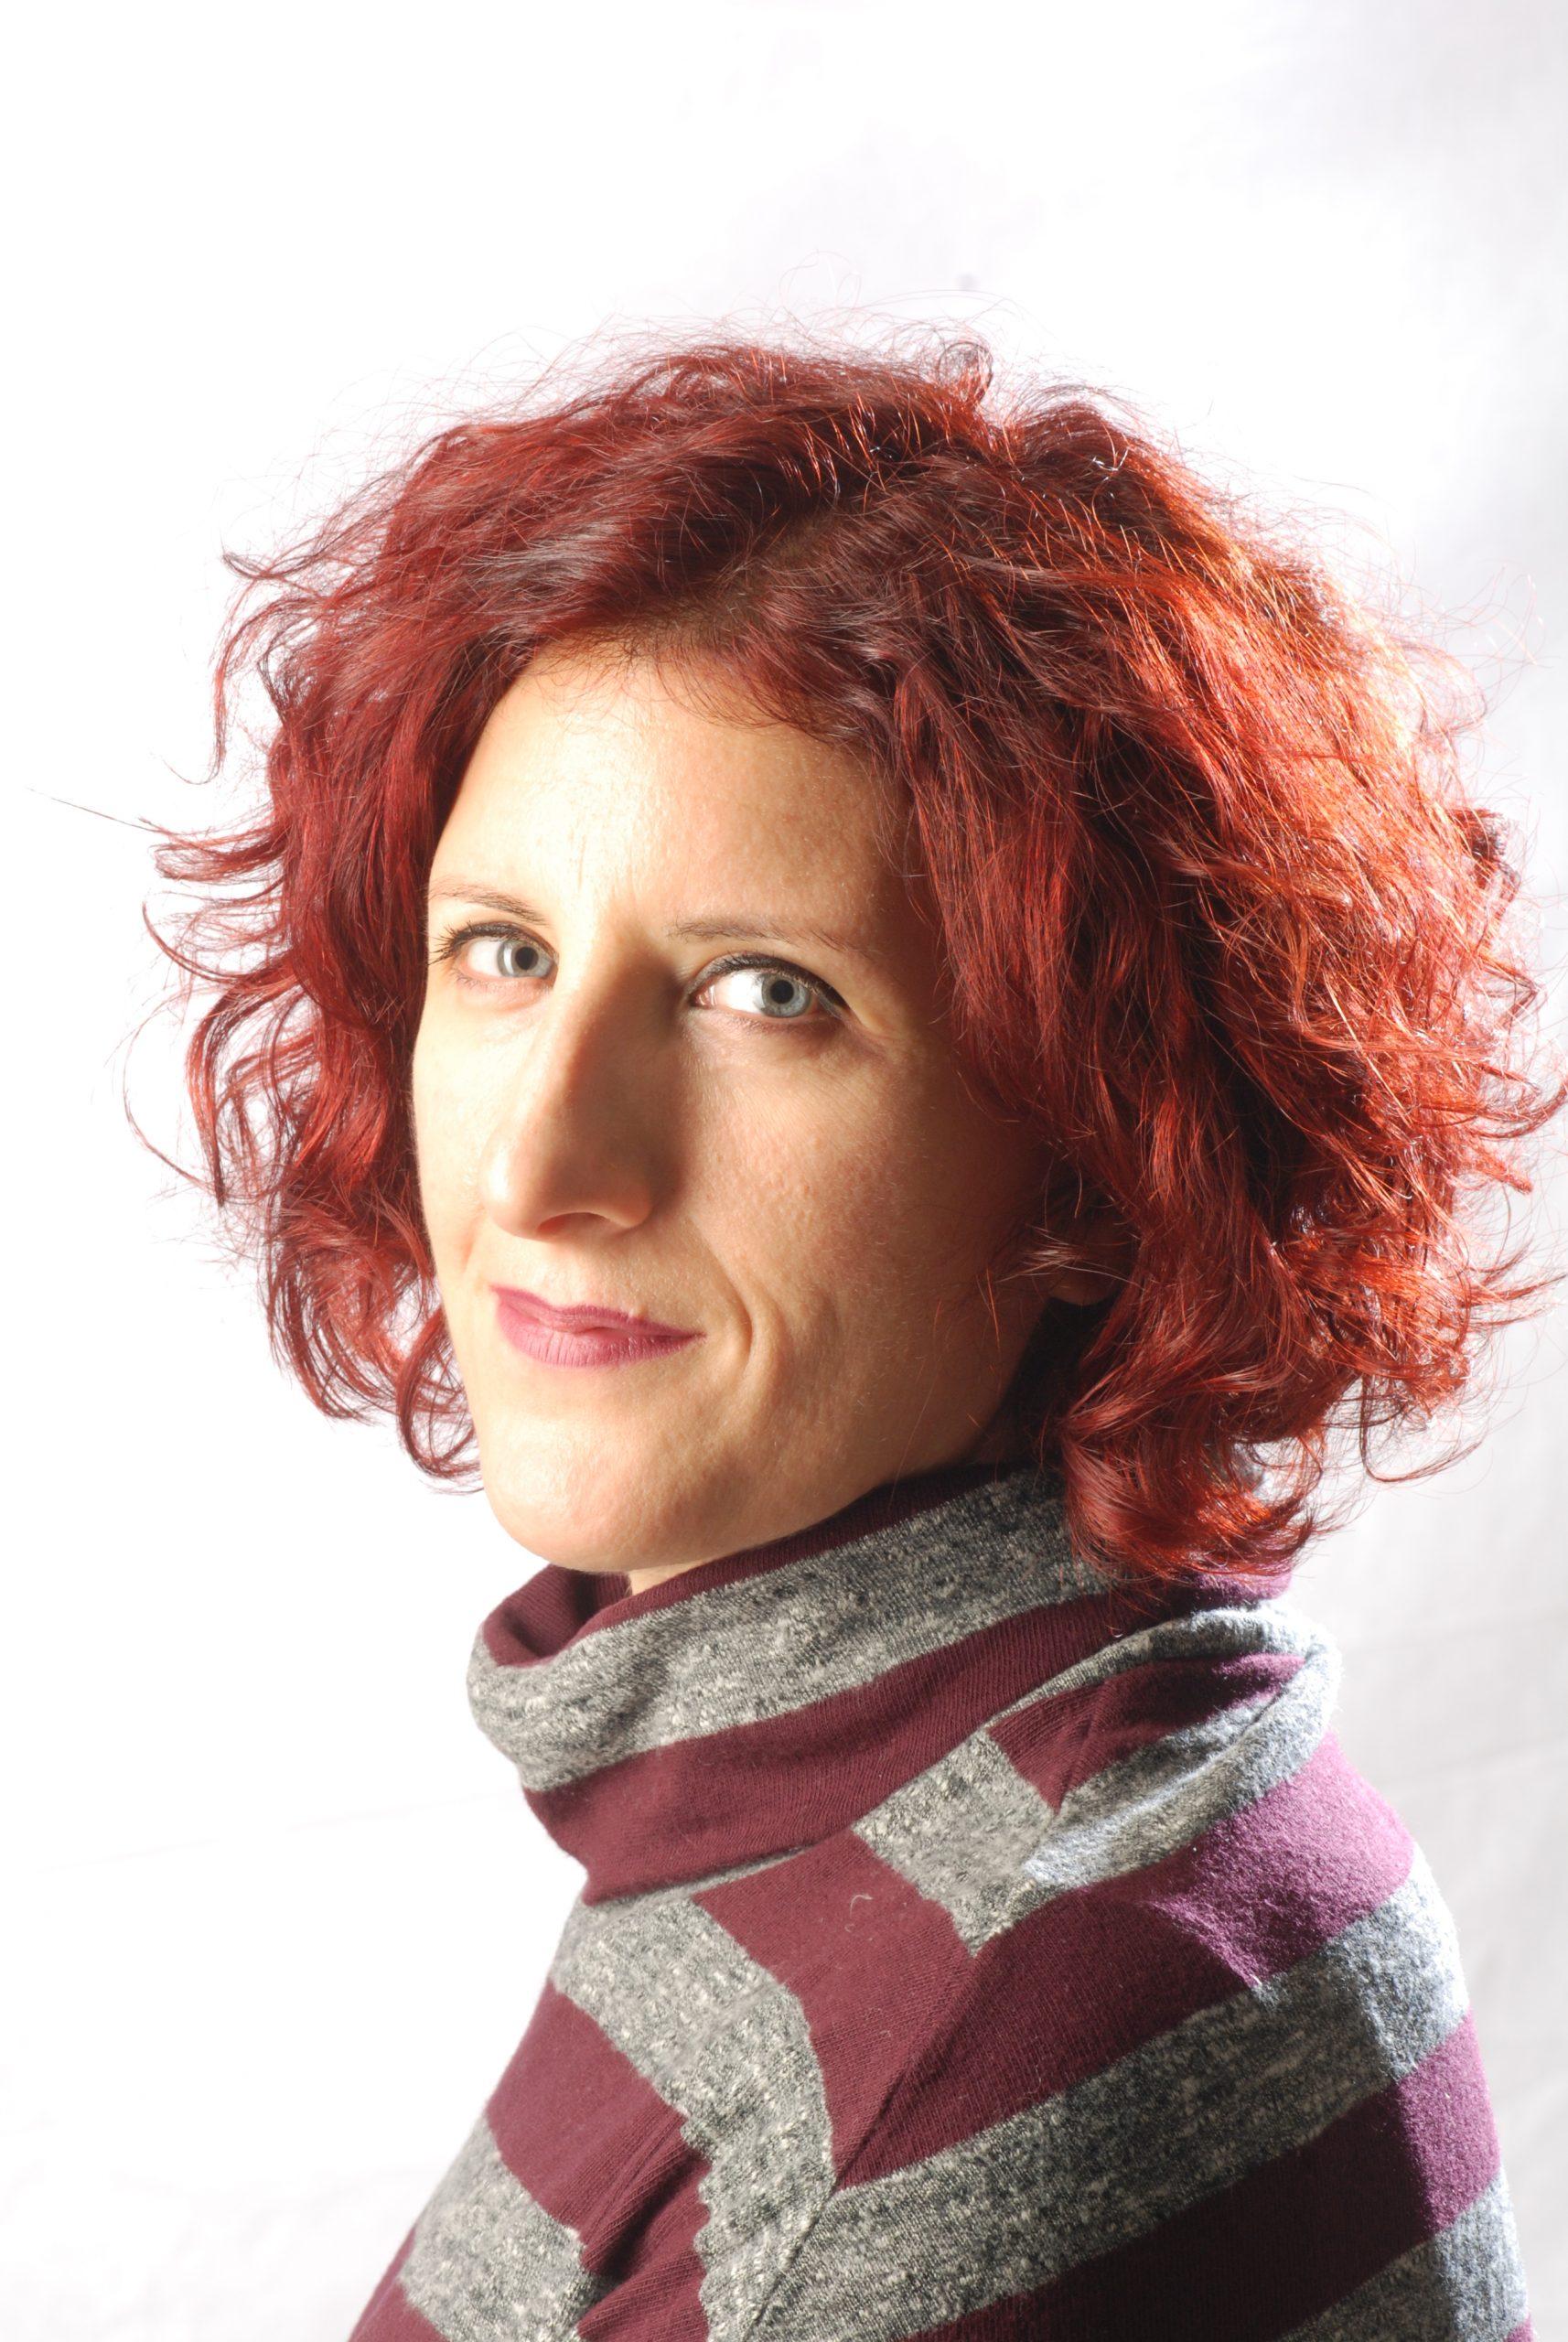 Serena Morabito Psicologa Monza